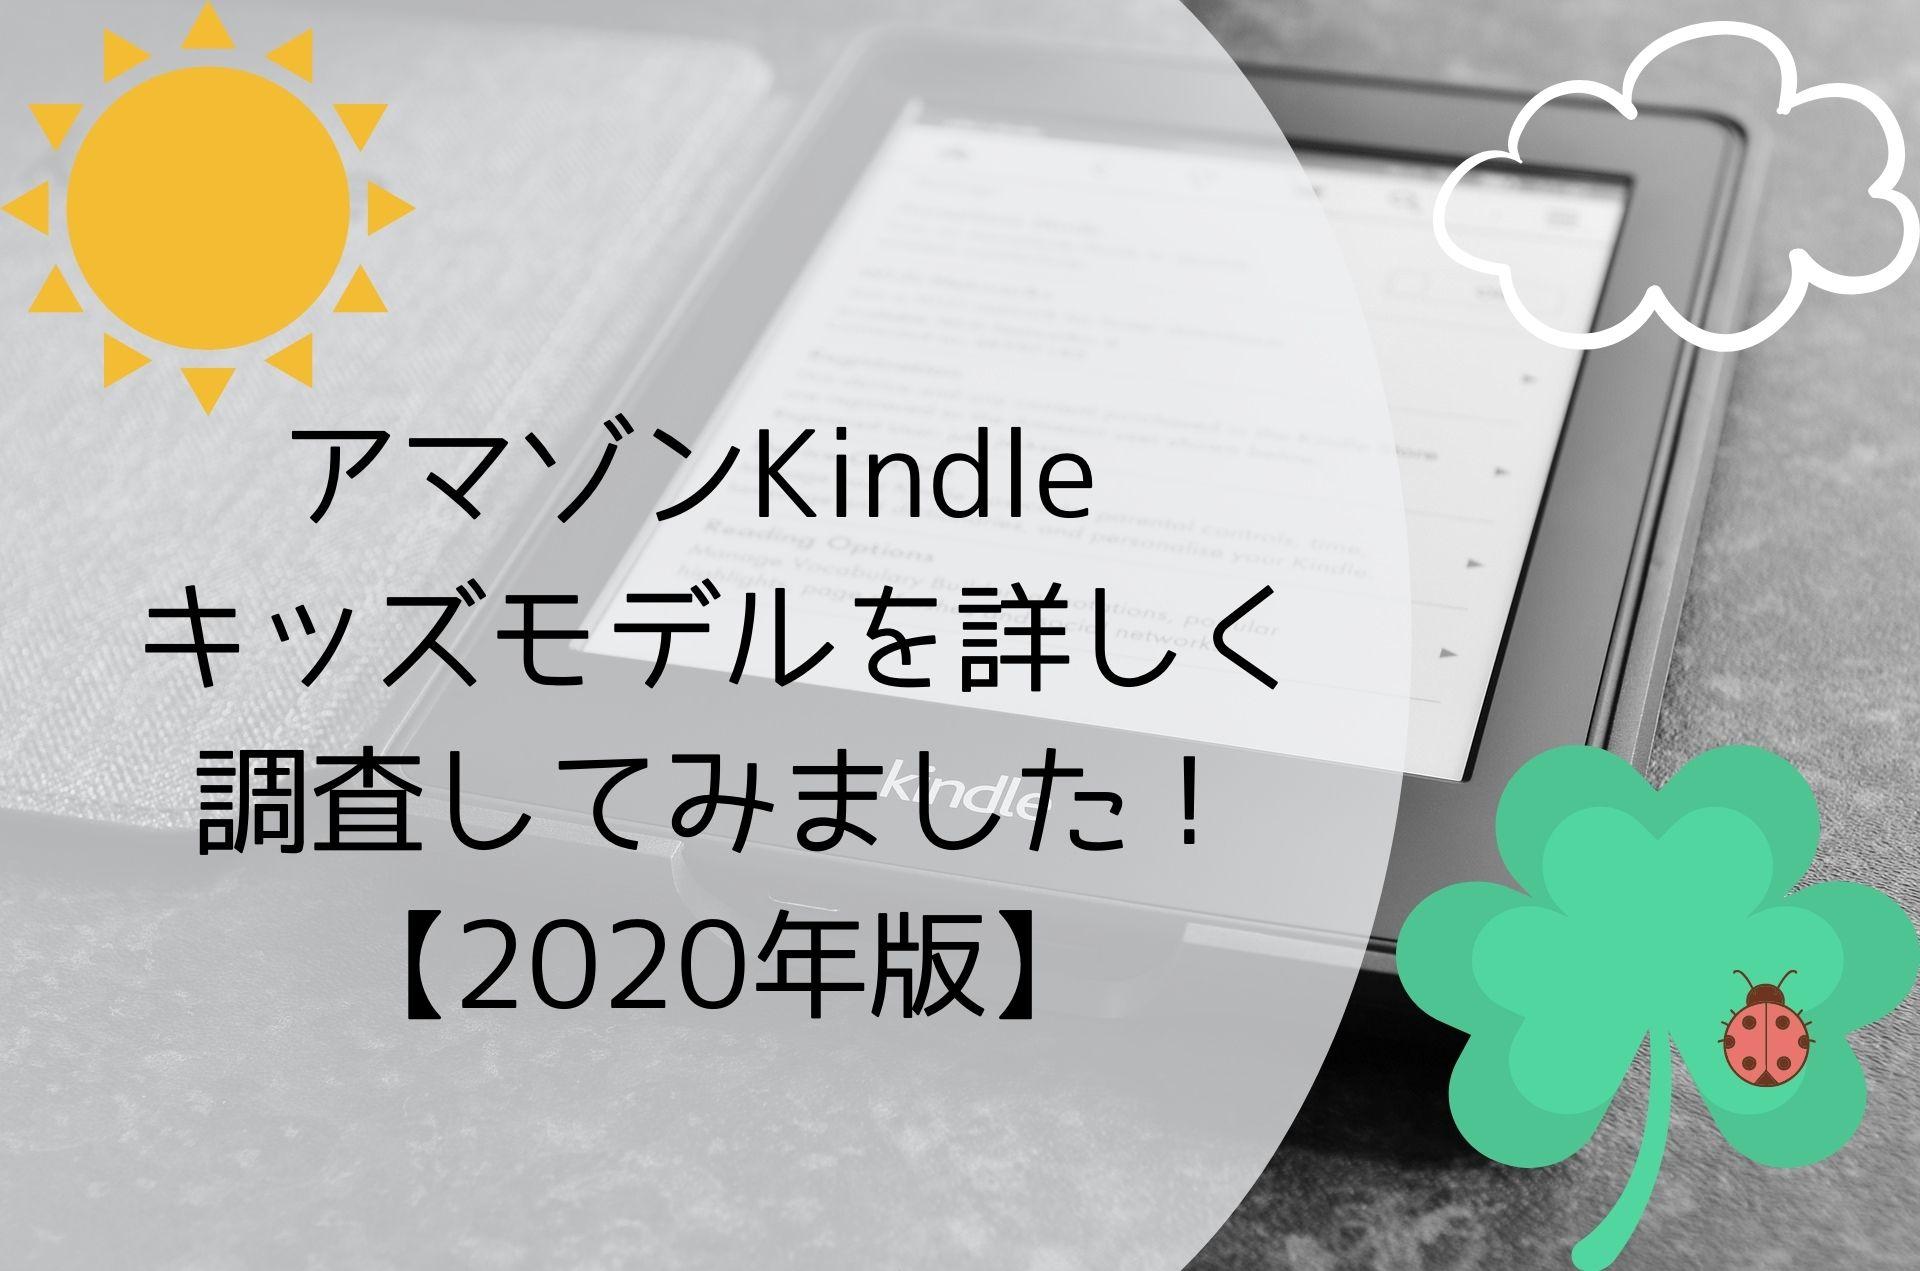 アマゾンKindle キッズモデルを詳しく調査してみました!【2020年版】